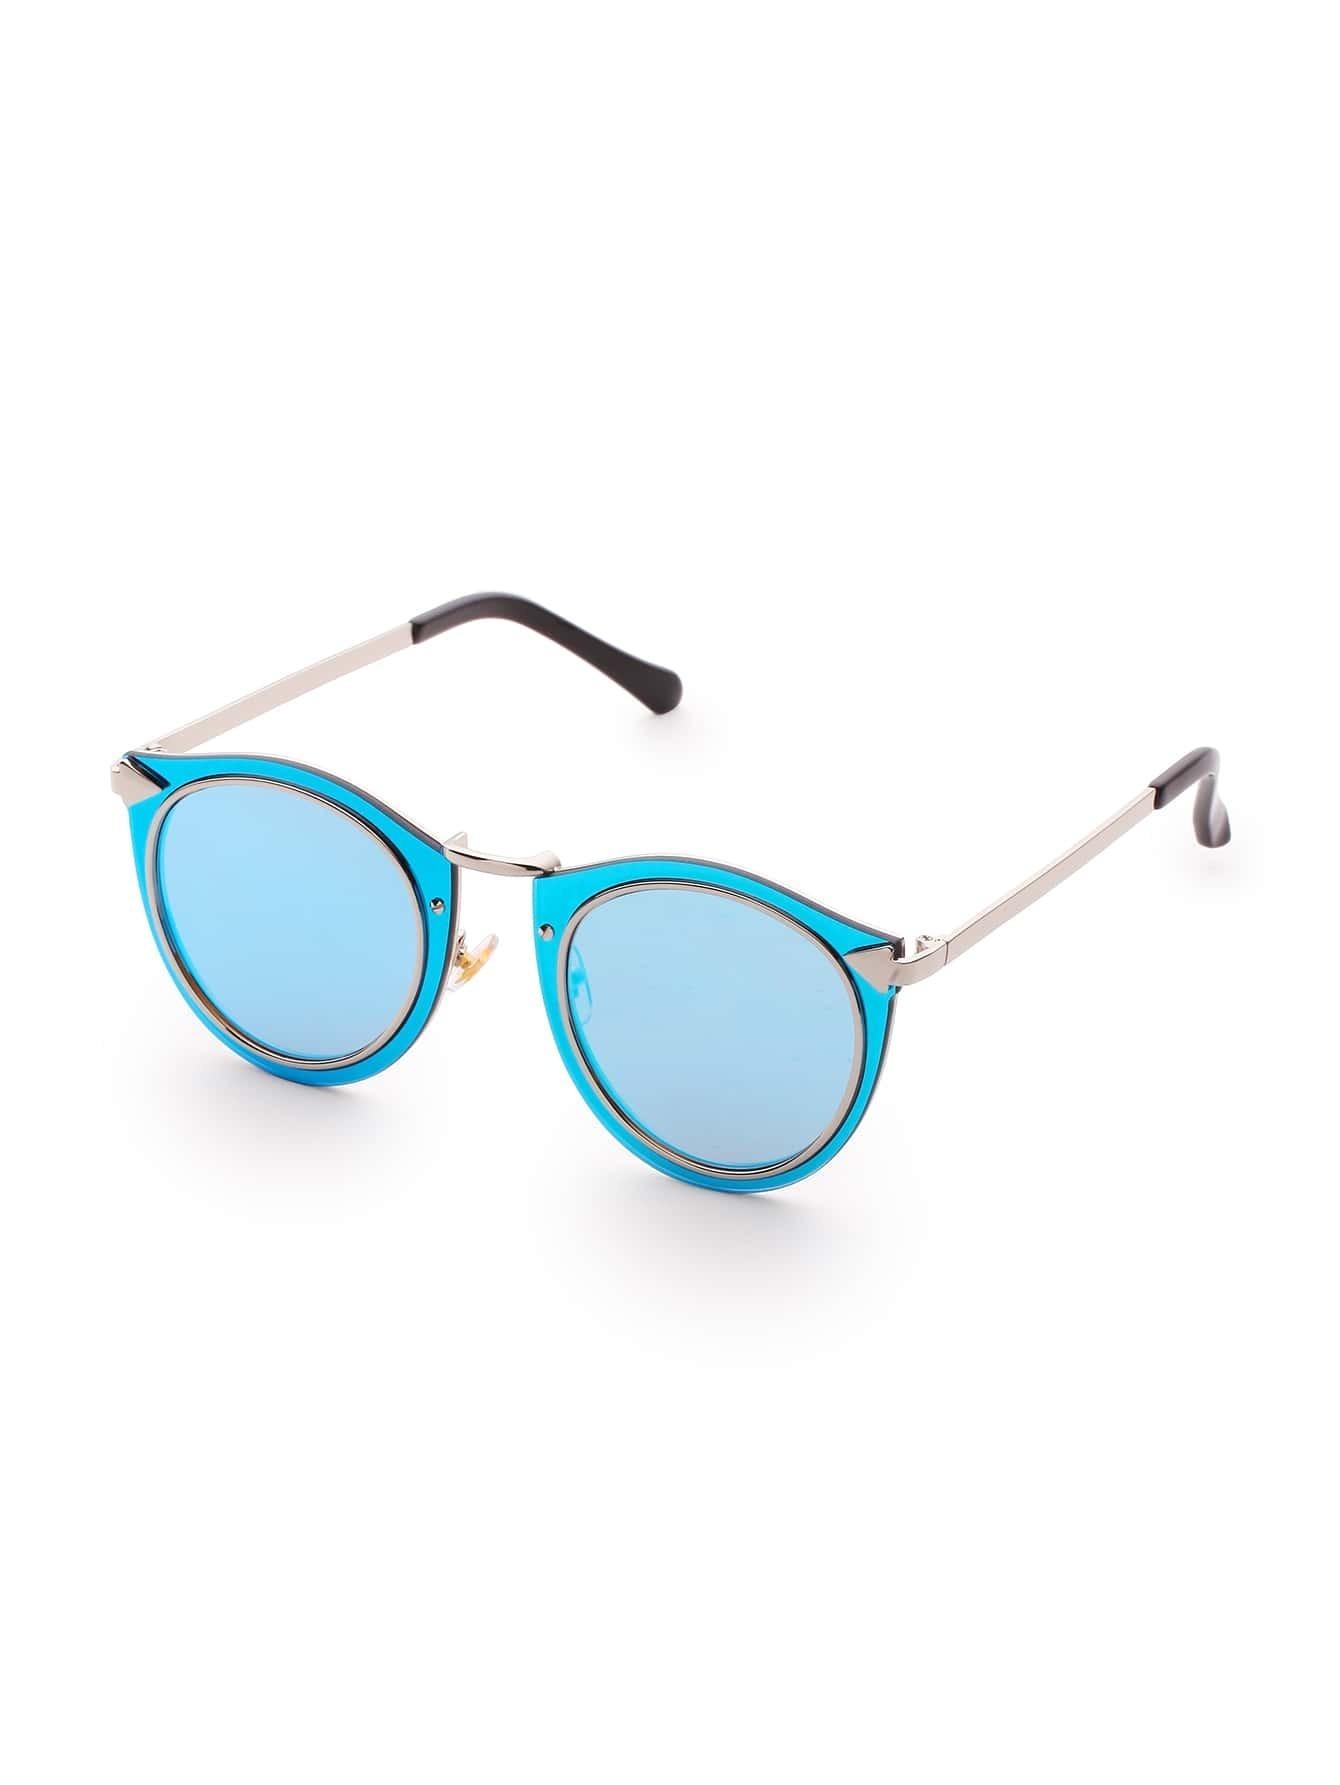 Double Frame Blue Lens Sunglasses sunglass170323304